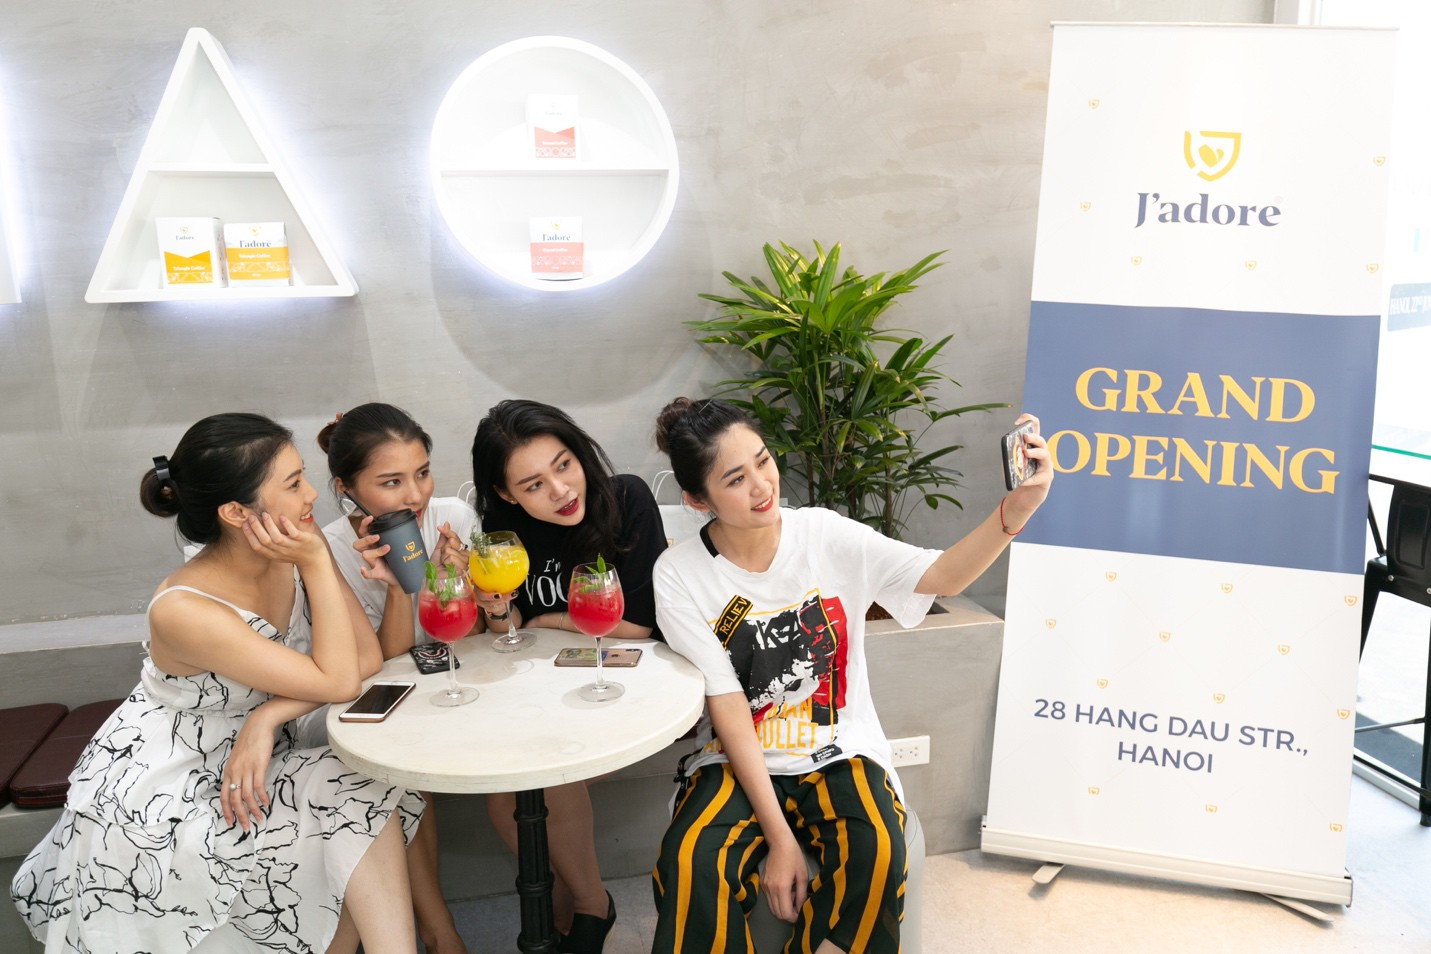 """Hà Nội: Check-in ngay quán café phong cách """"terrasses de café"""" bên bờ hồ Hoàn Kiếm - Ảnh 5."""